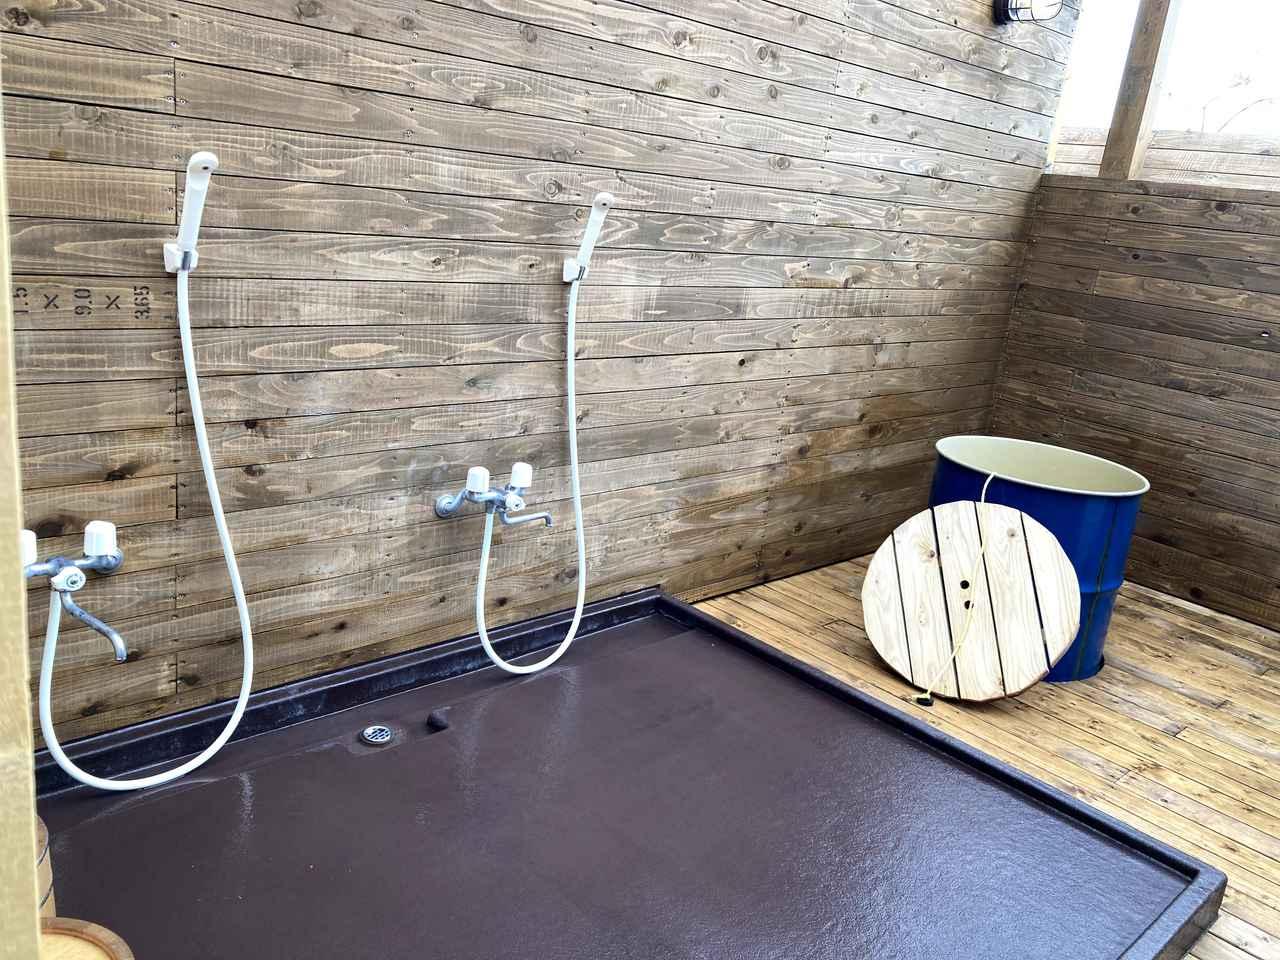 画像: 筆者撮影:シャワーから出るお湯も自家源泉の温泉だそうです。